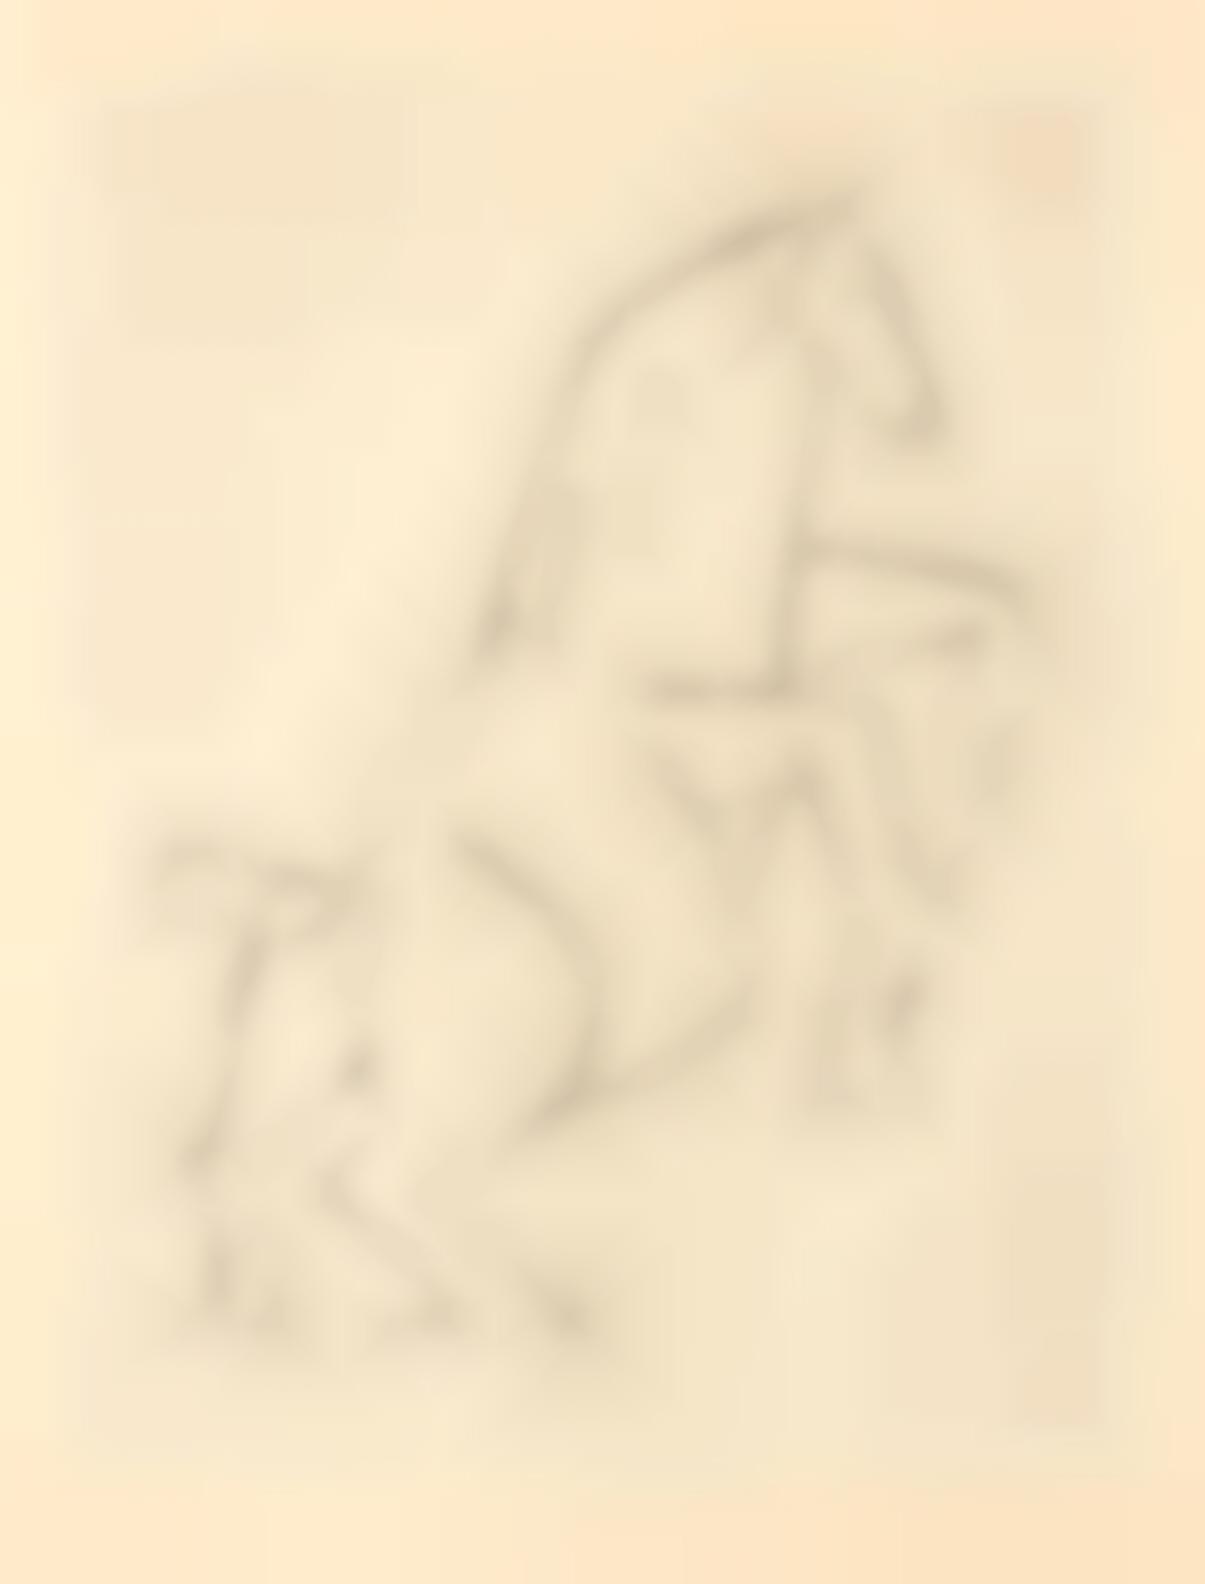 Pablo Picasso-Roch Grey Chevaux De Minuit, Le Degre Quarante Et Un (Iliazd), Paris And Cannes, 1955 (Bloch 811-820; Baer 936-945; Cramer Books 73)-1955